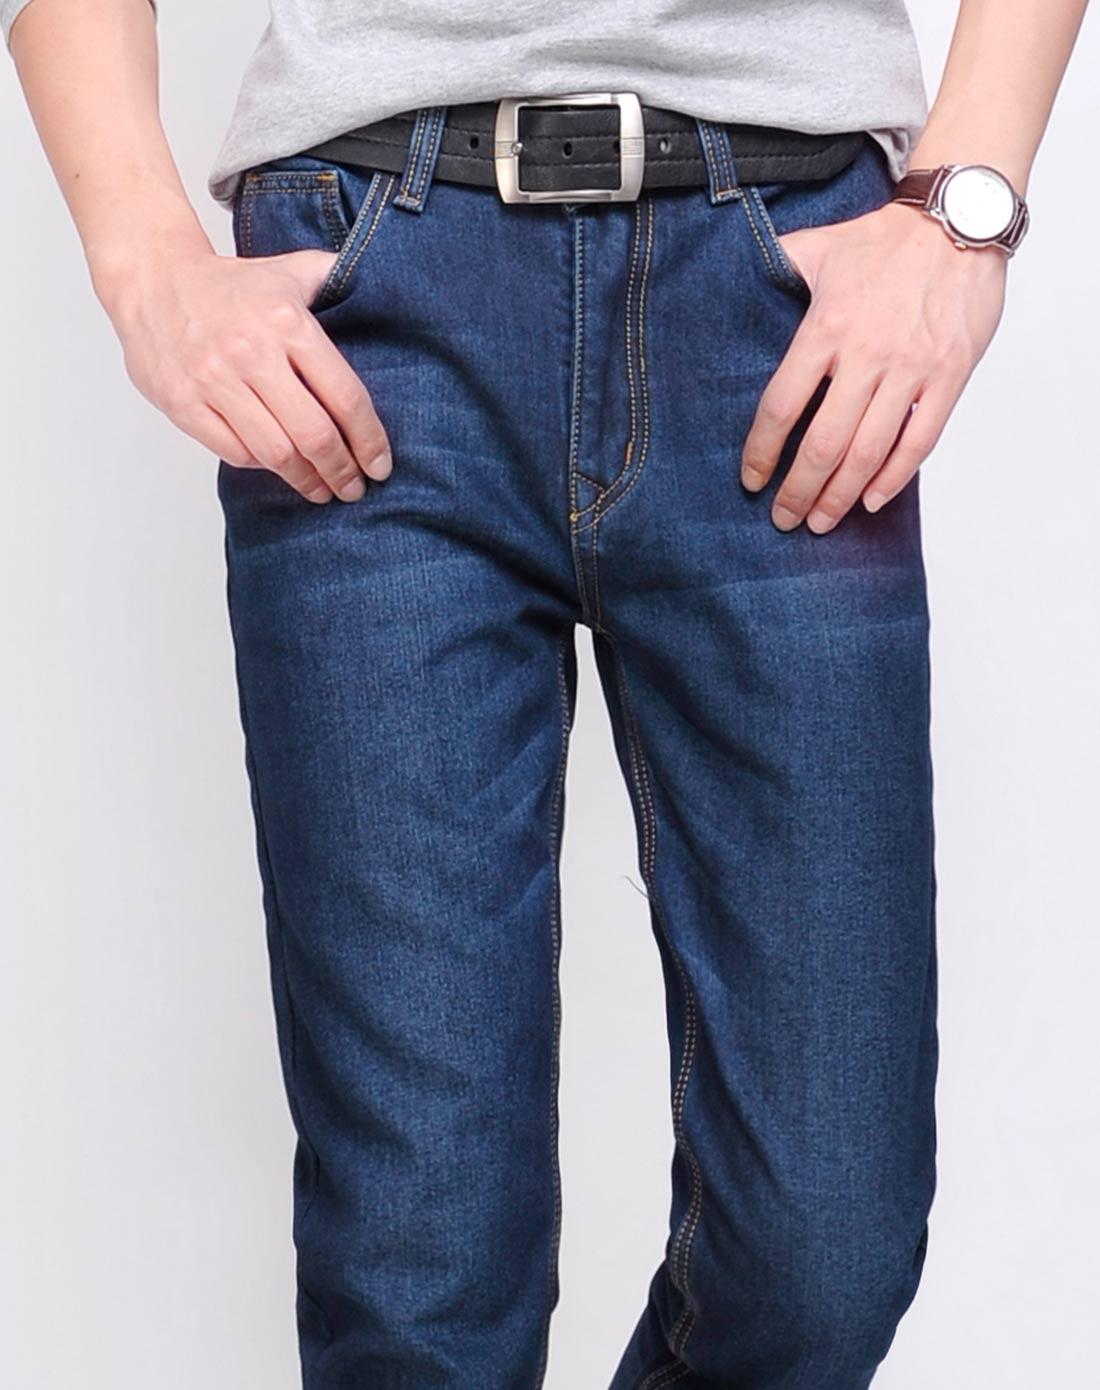 男款深蓝色3牛仔裤